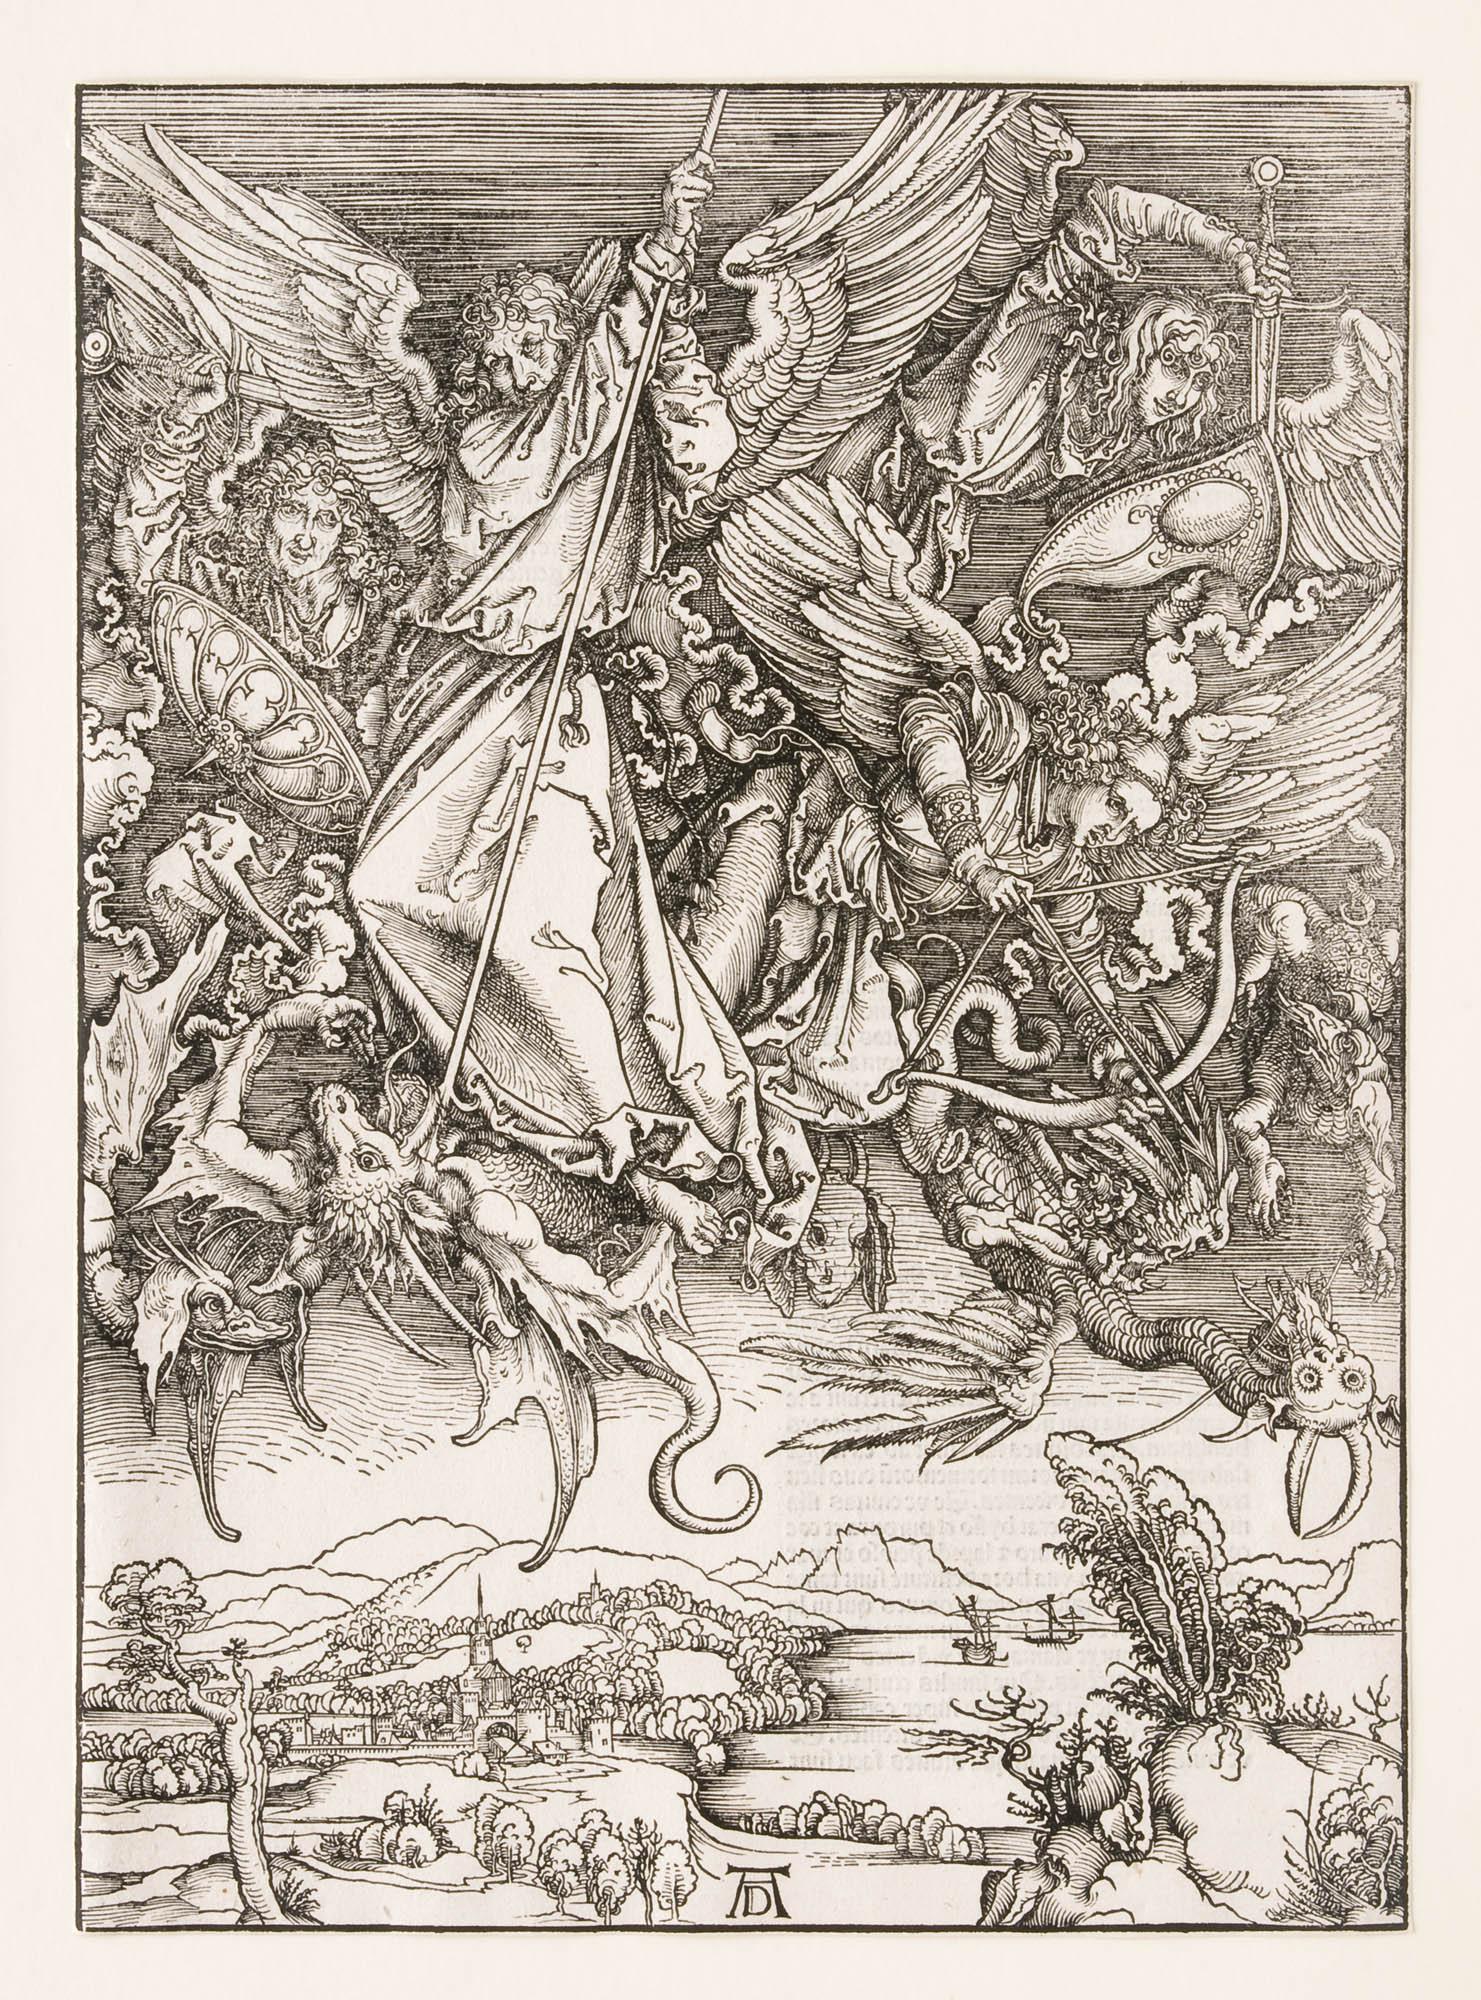 Einzelseite, Das Sonnenweib und der siebenhäuptige Drache (Apokalypse – Die Offenbarung des Johannes) Albrecht Dürer Buch